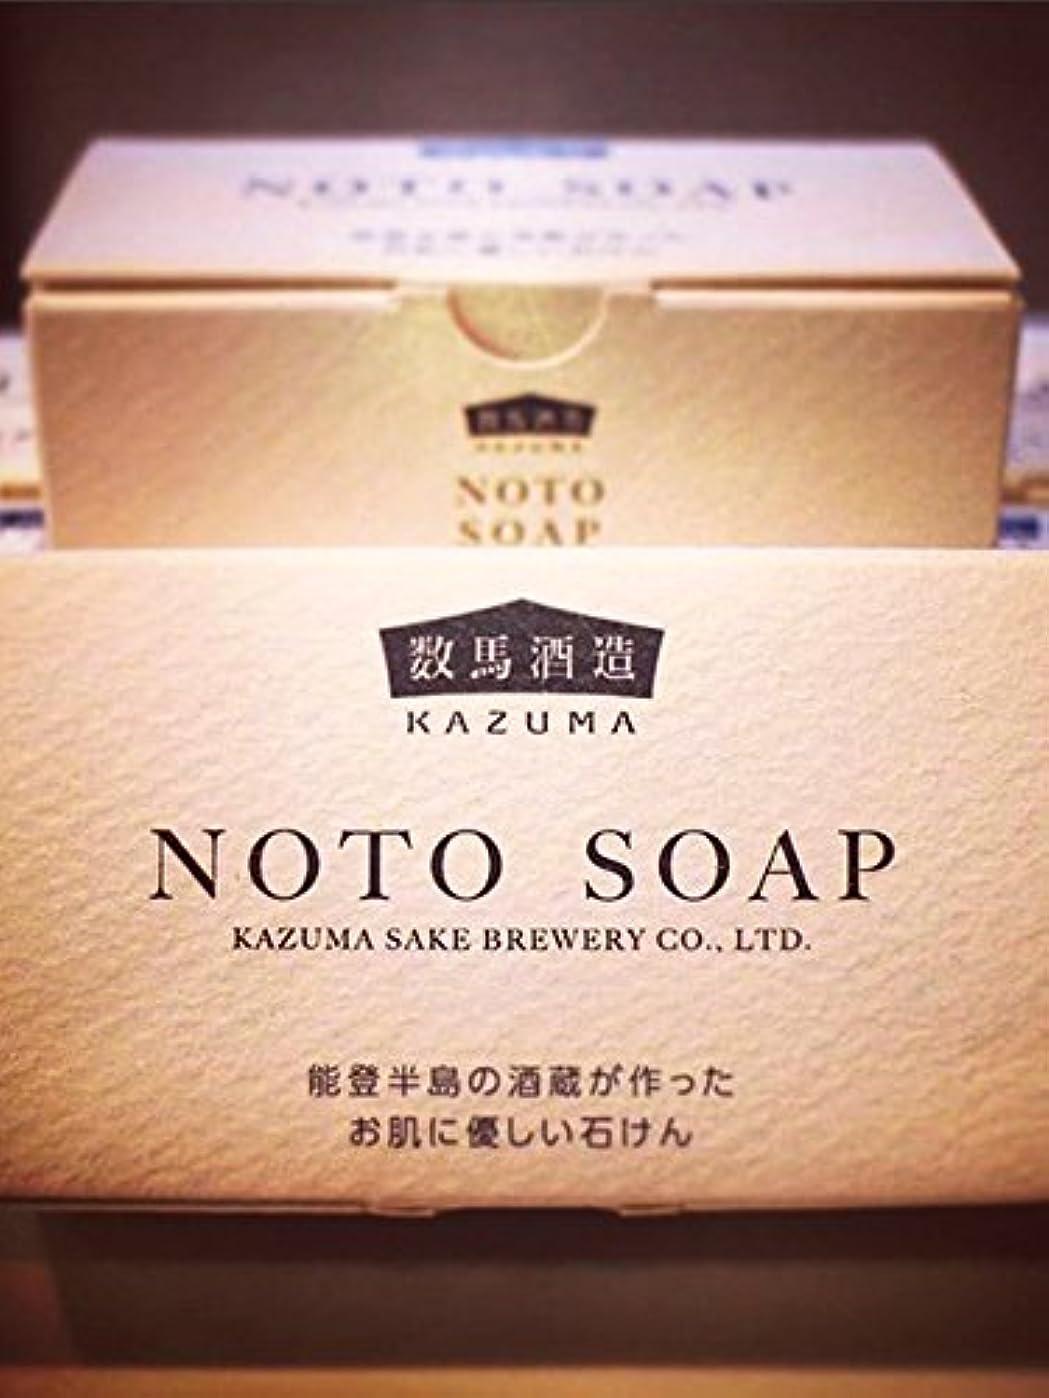 国勢調査ミネラル見せます竹葉 NOTO SOAP 酒粕石鹸 1個80g